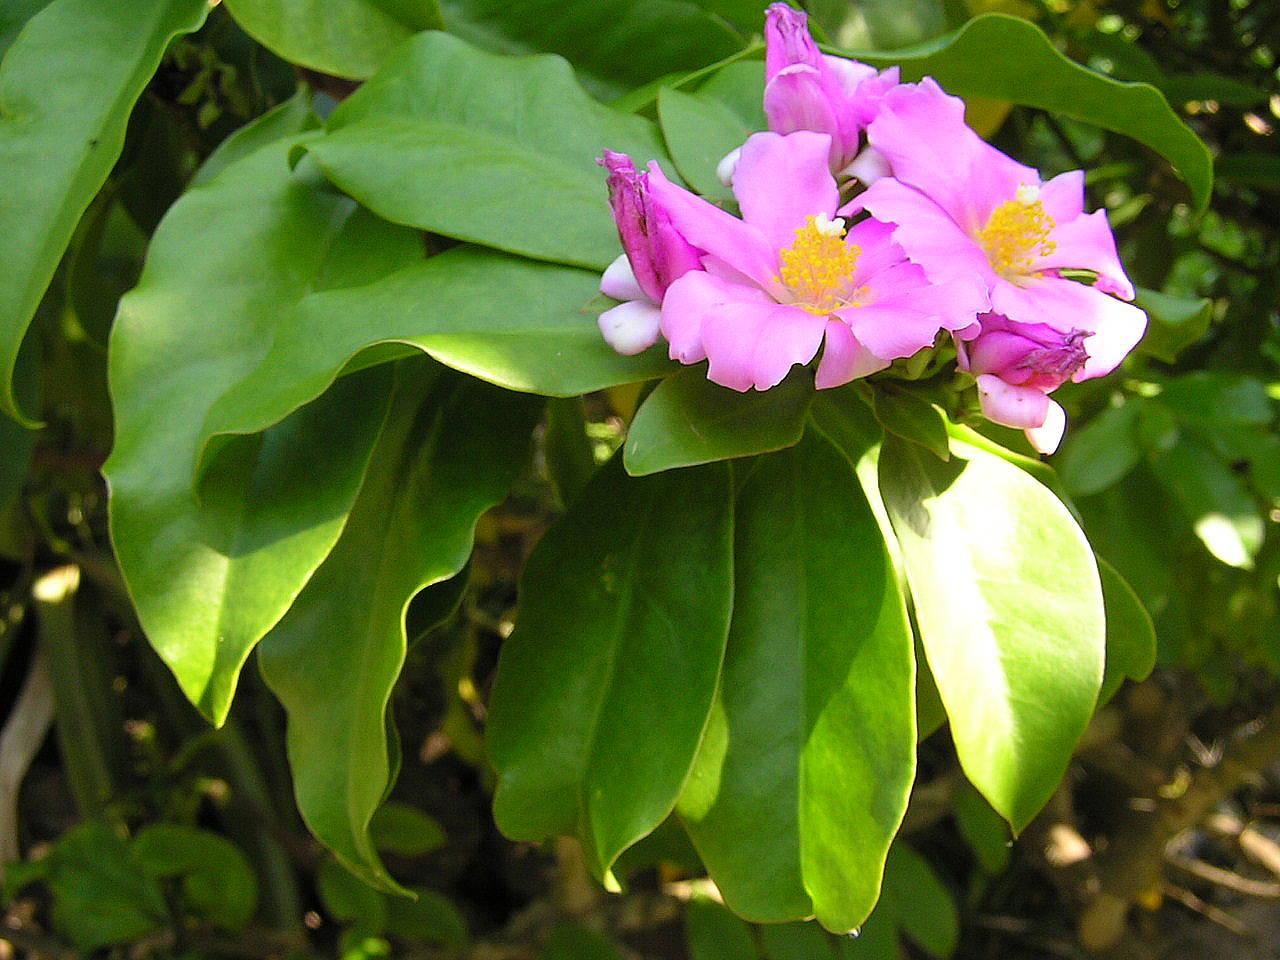 Ora-pro-nóbis da flor rosa